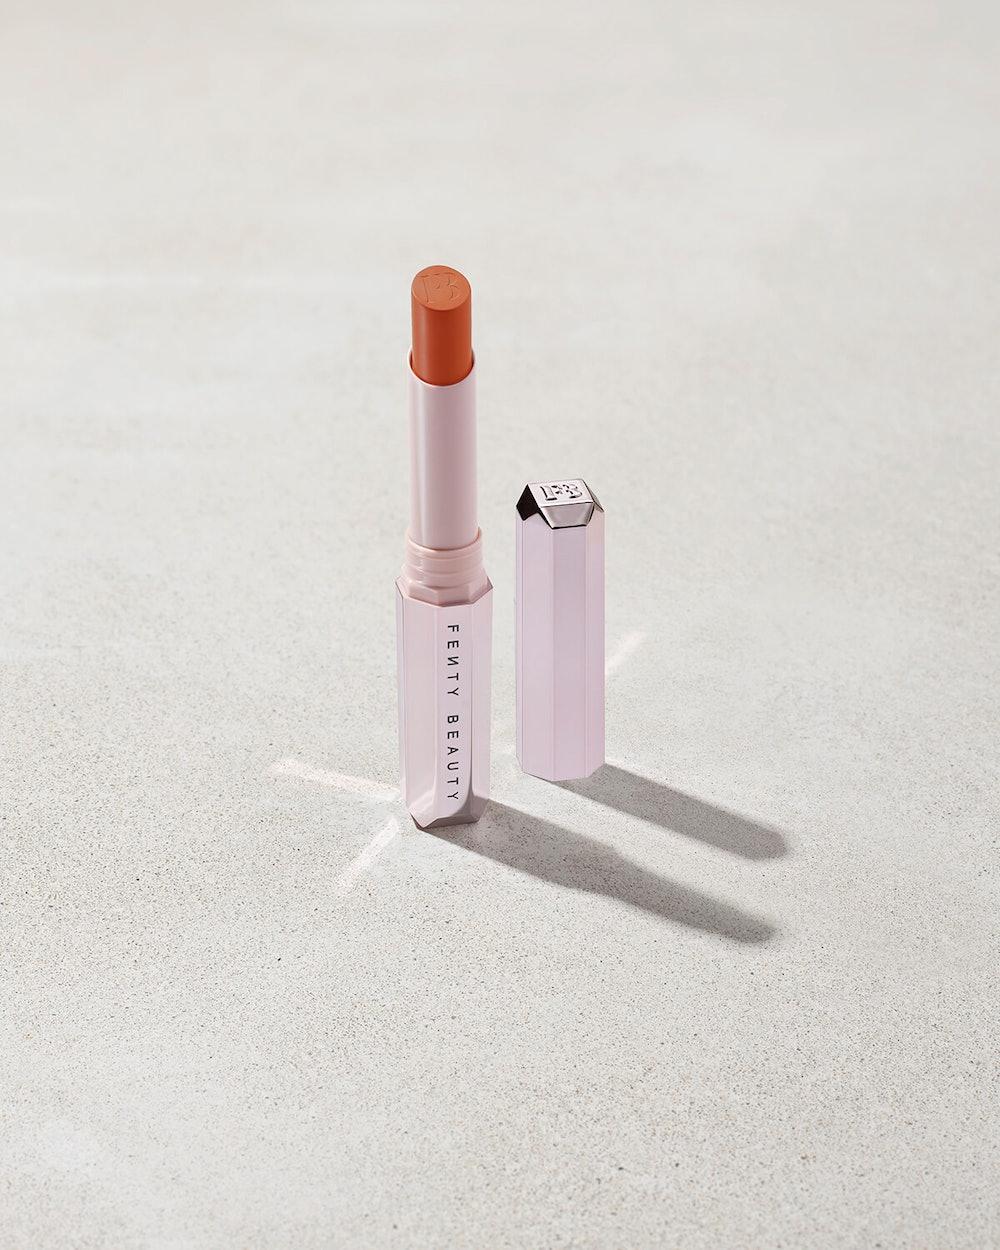 Mattemoiselle Plush Matte Lipstick in Freckle Fiesta